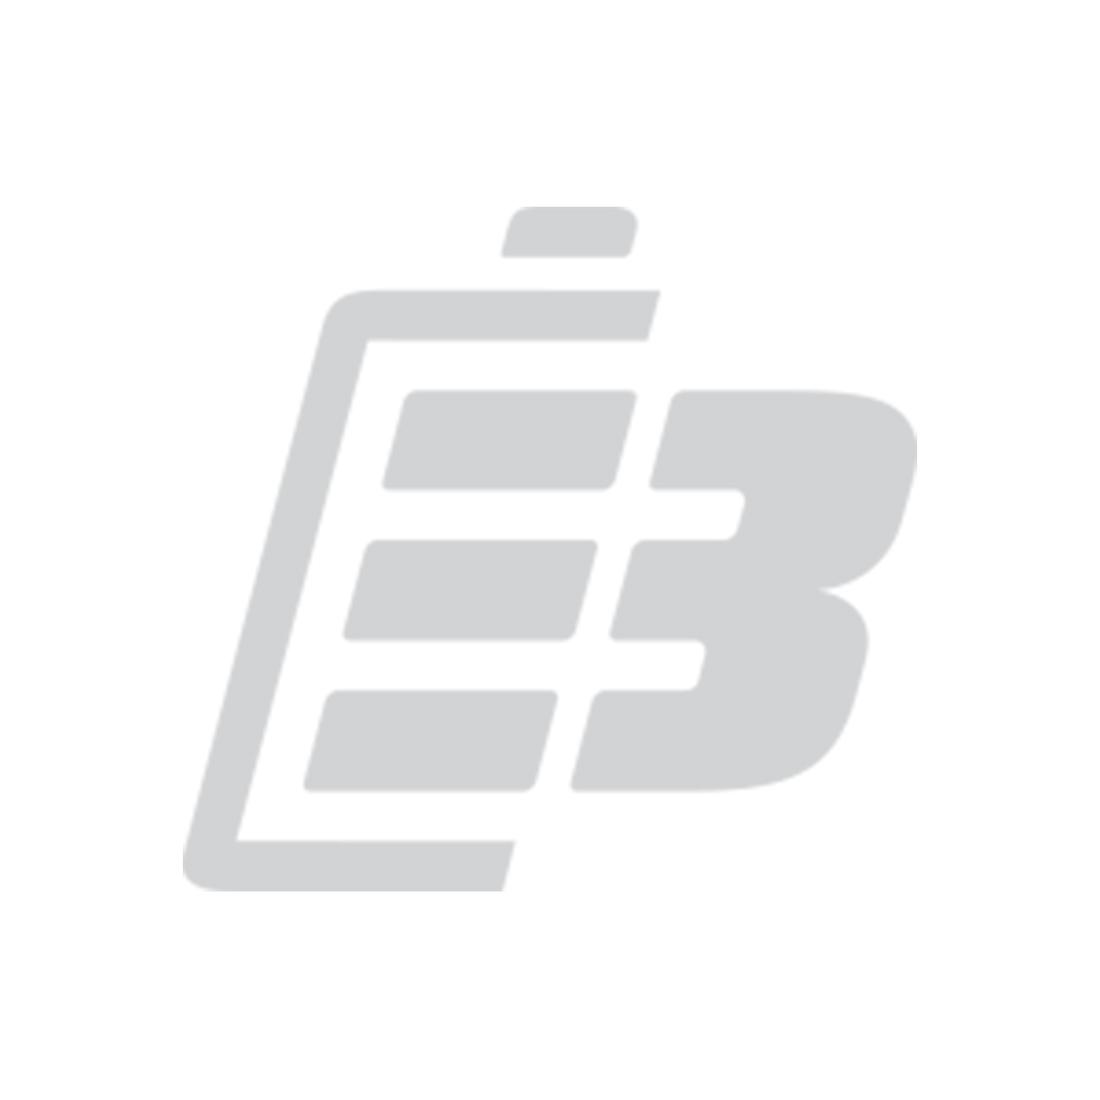 Digital Measuring Device Battery Fluke Scopemeter 199 3600mah